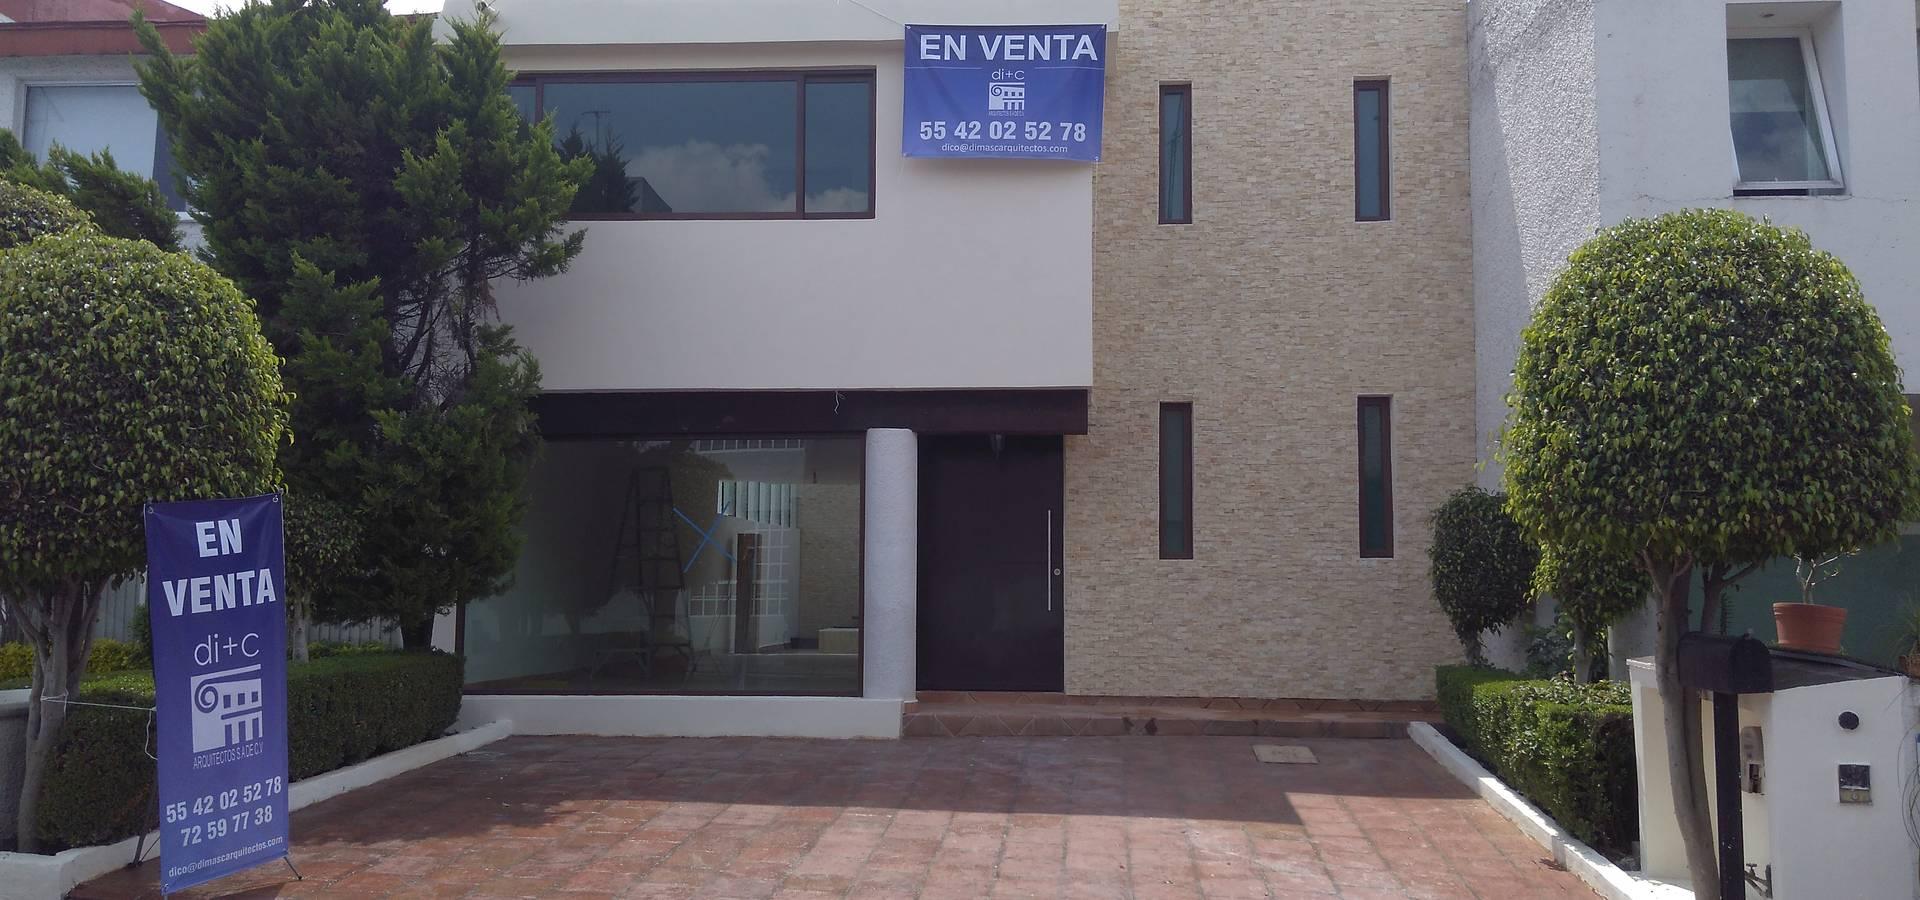 DI+CARQUITECTOS SA DE CV